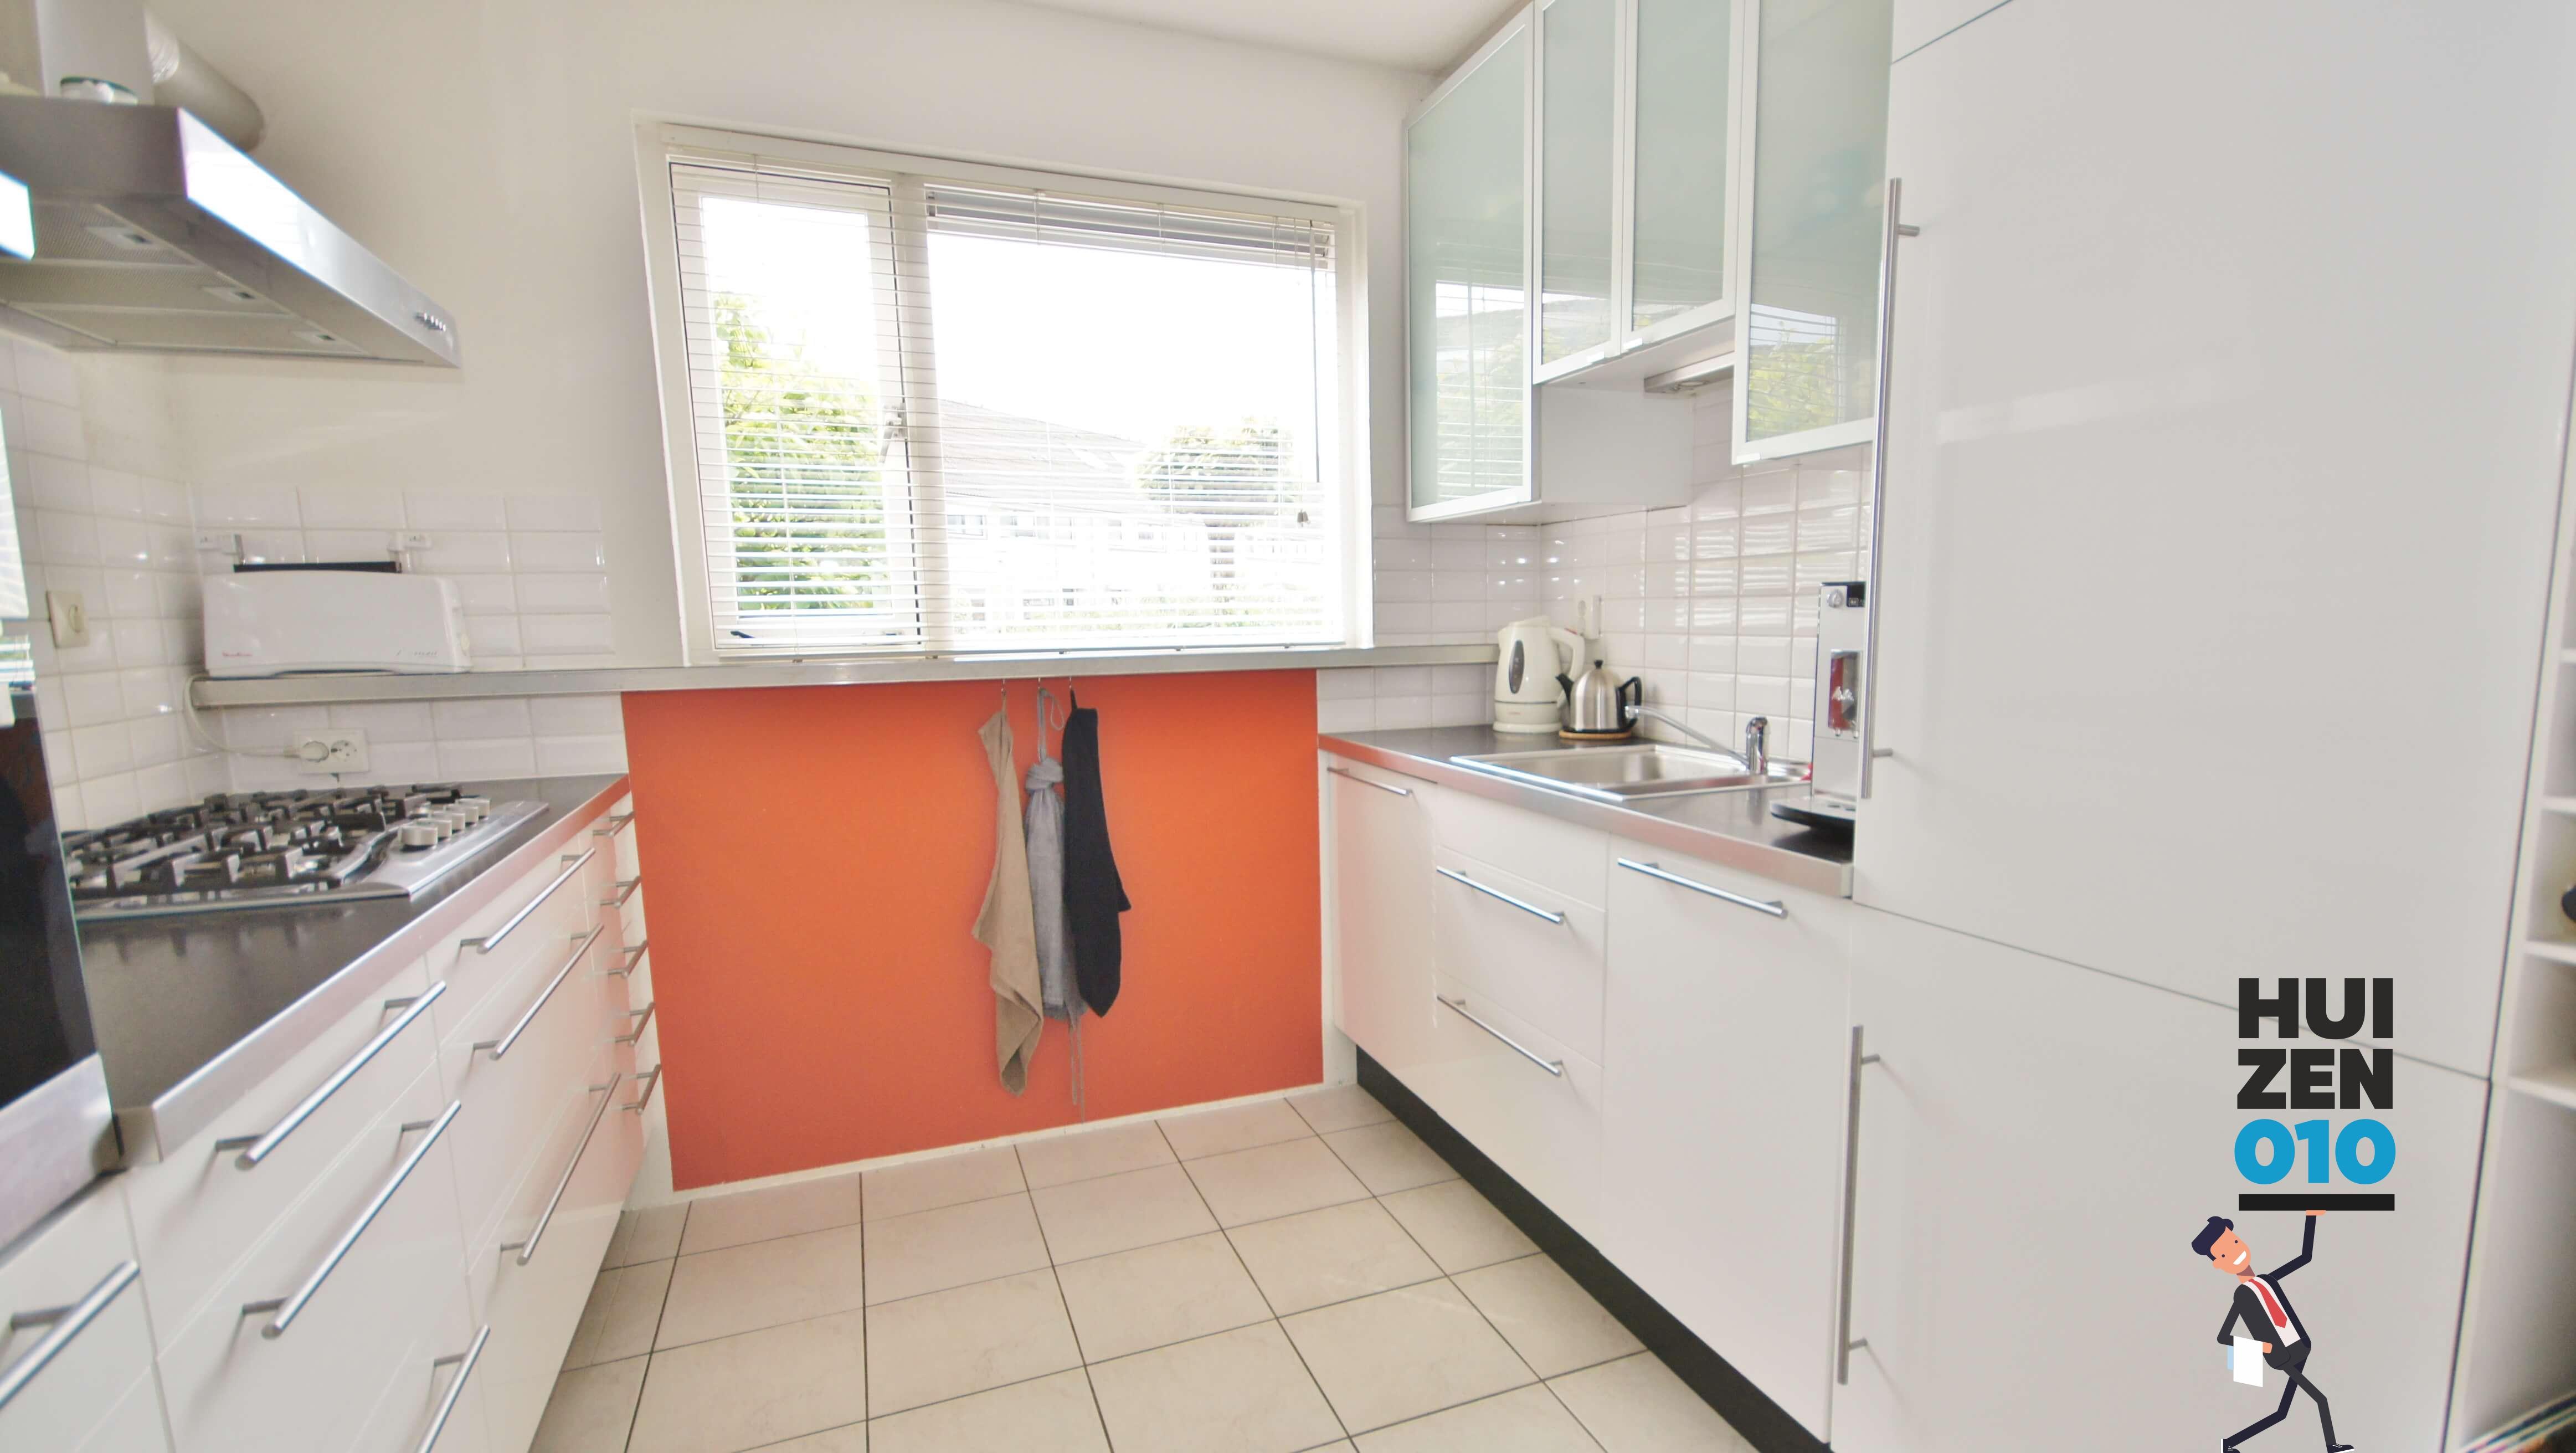 Vivaldistraat-Capelle aan den IJssel HUIZEN010